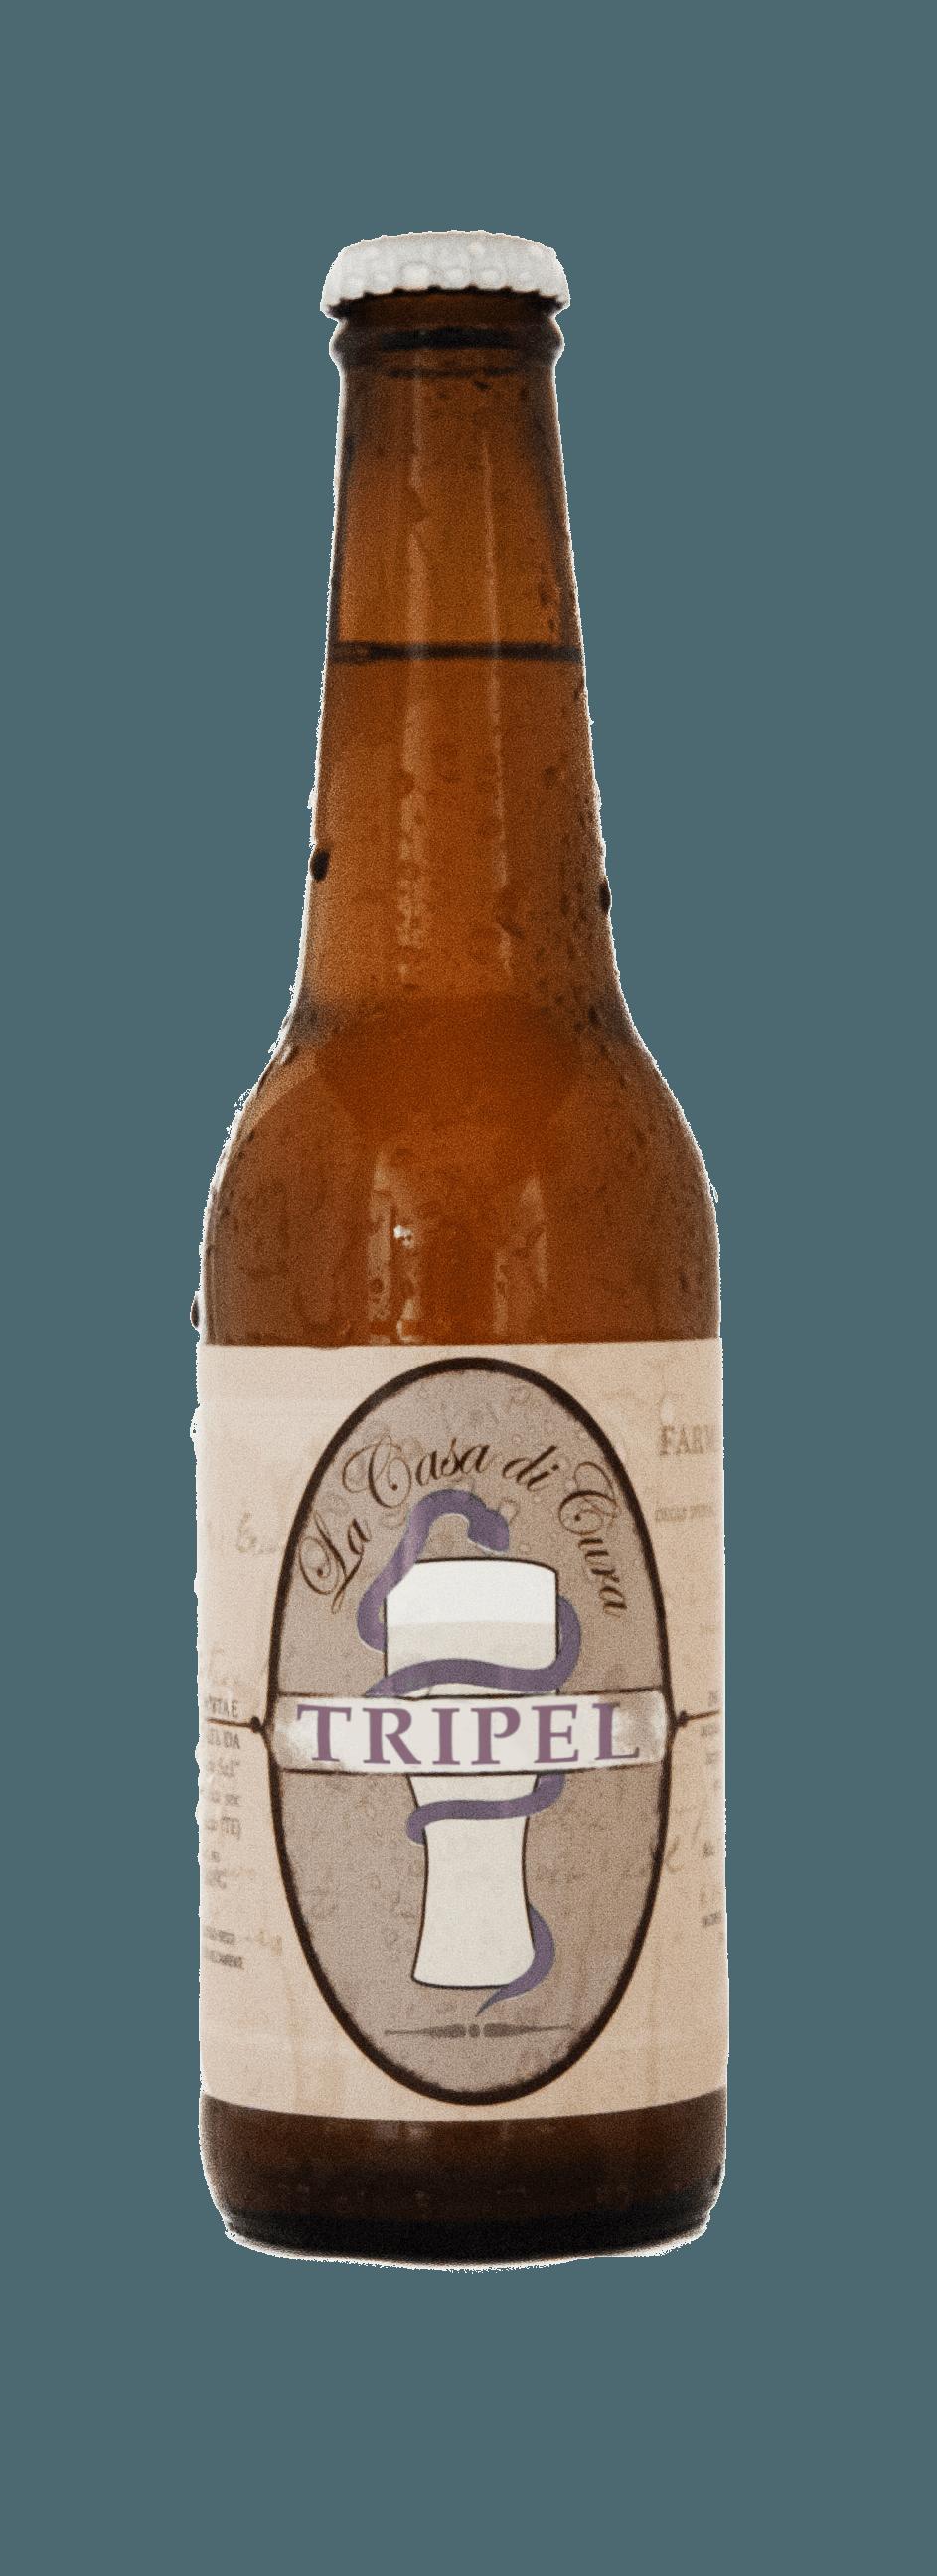 tripel-1